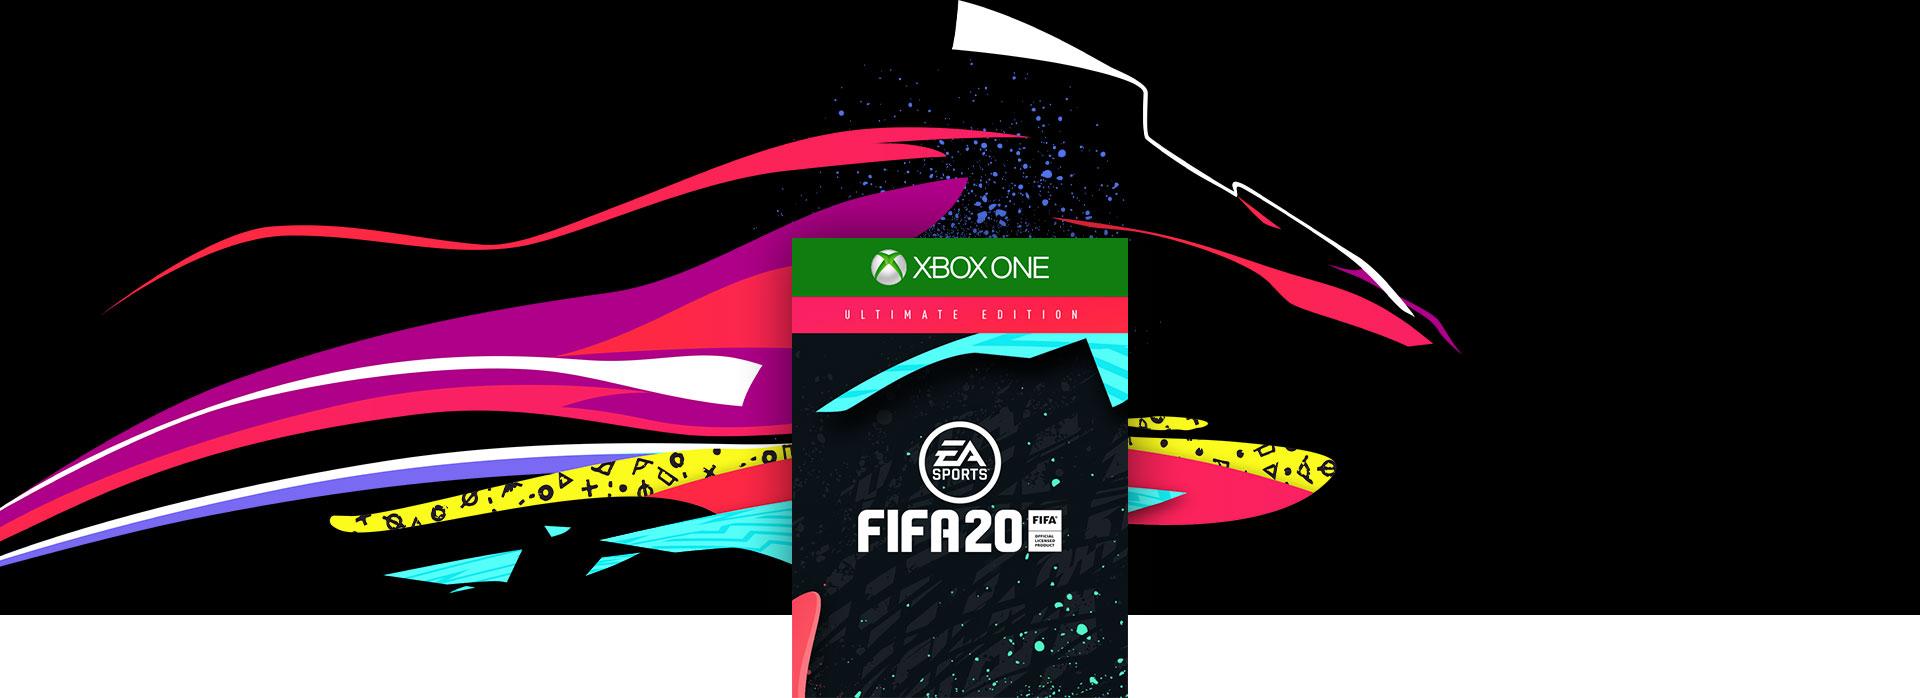 Image de la boîte de FIFA20 avec des lignes colorées et des éclaboussures en arrière-plan